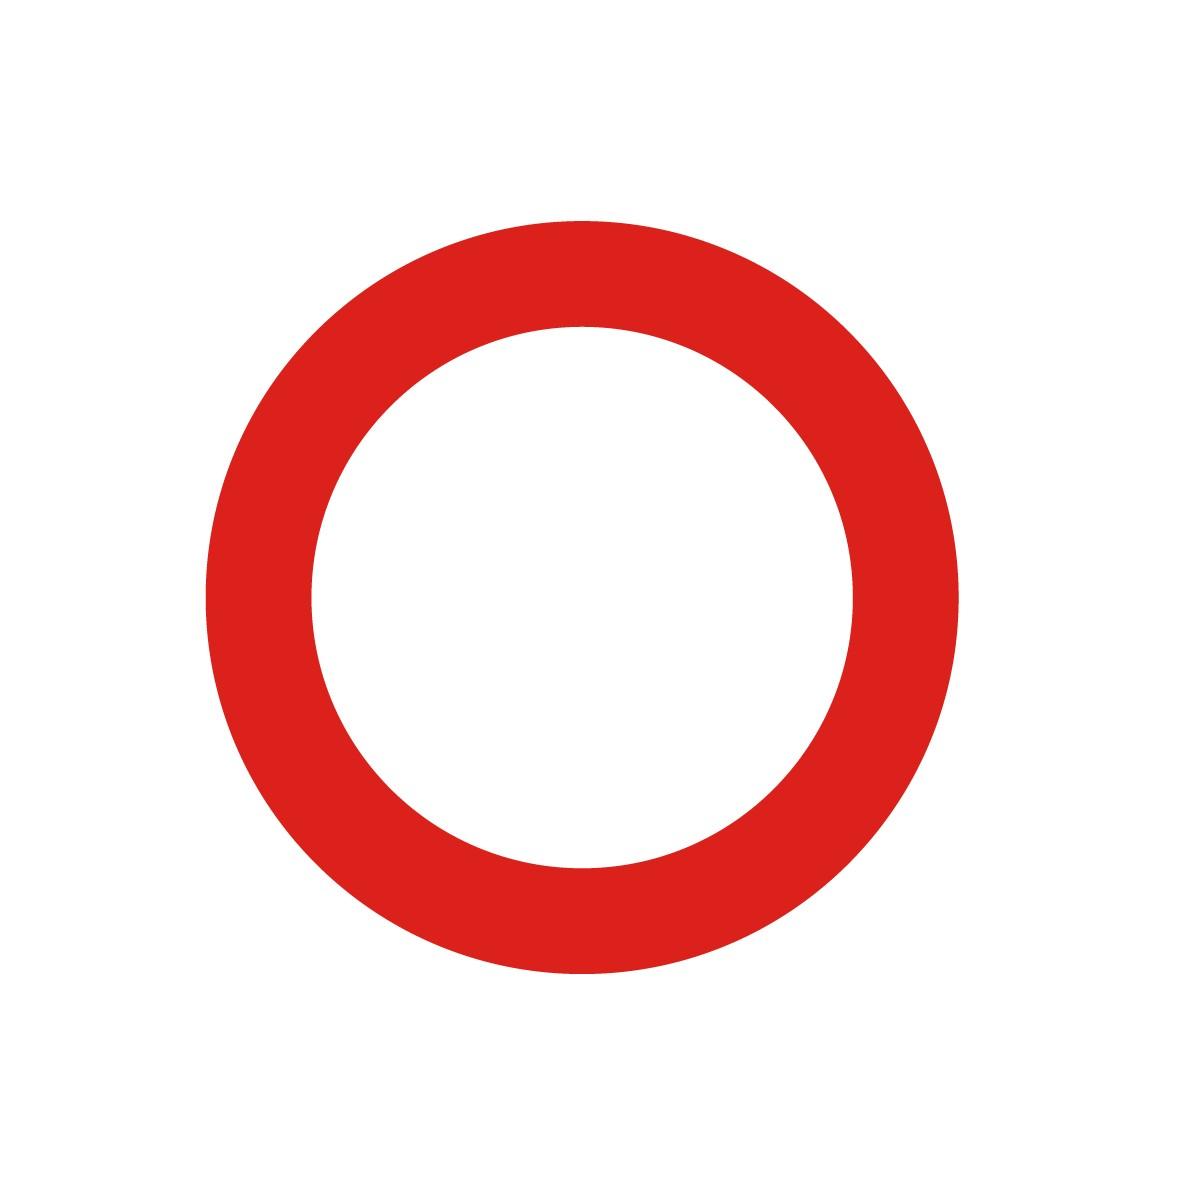 Señal de circulación R100 Circulación prohibida - Señalización y ...